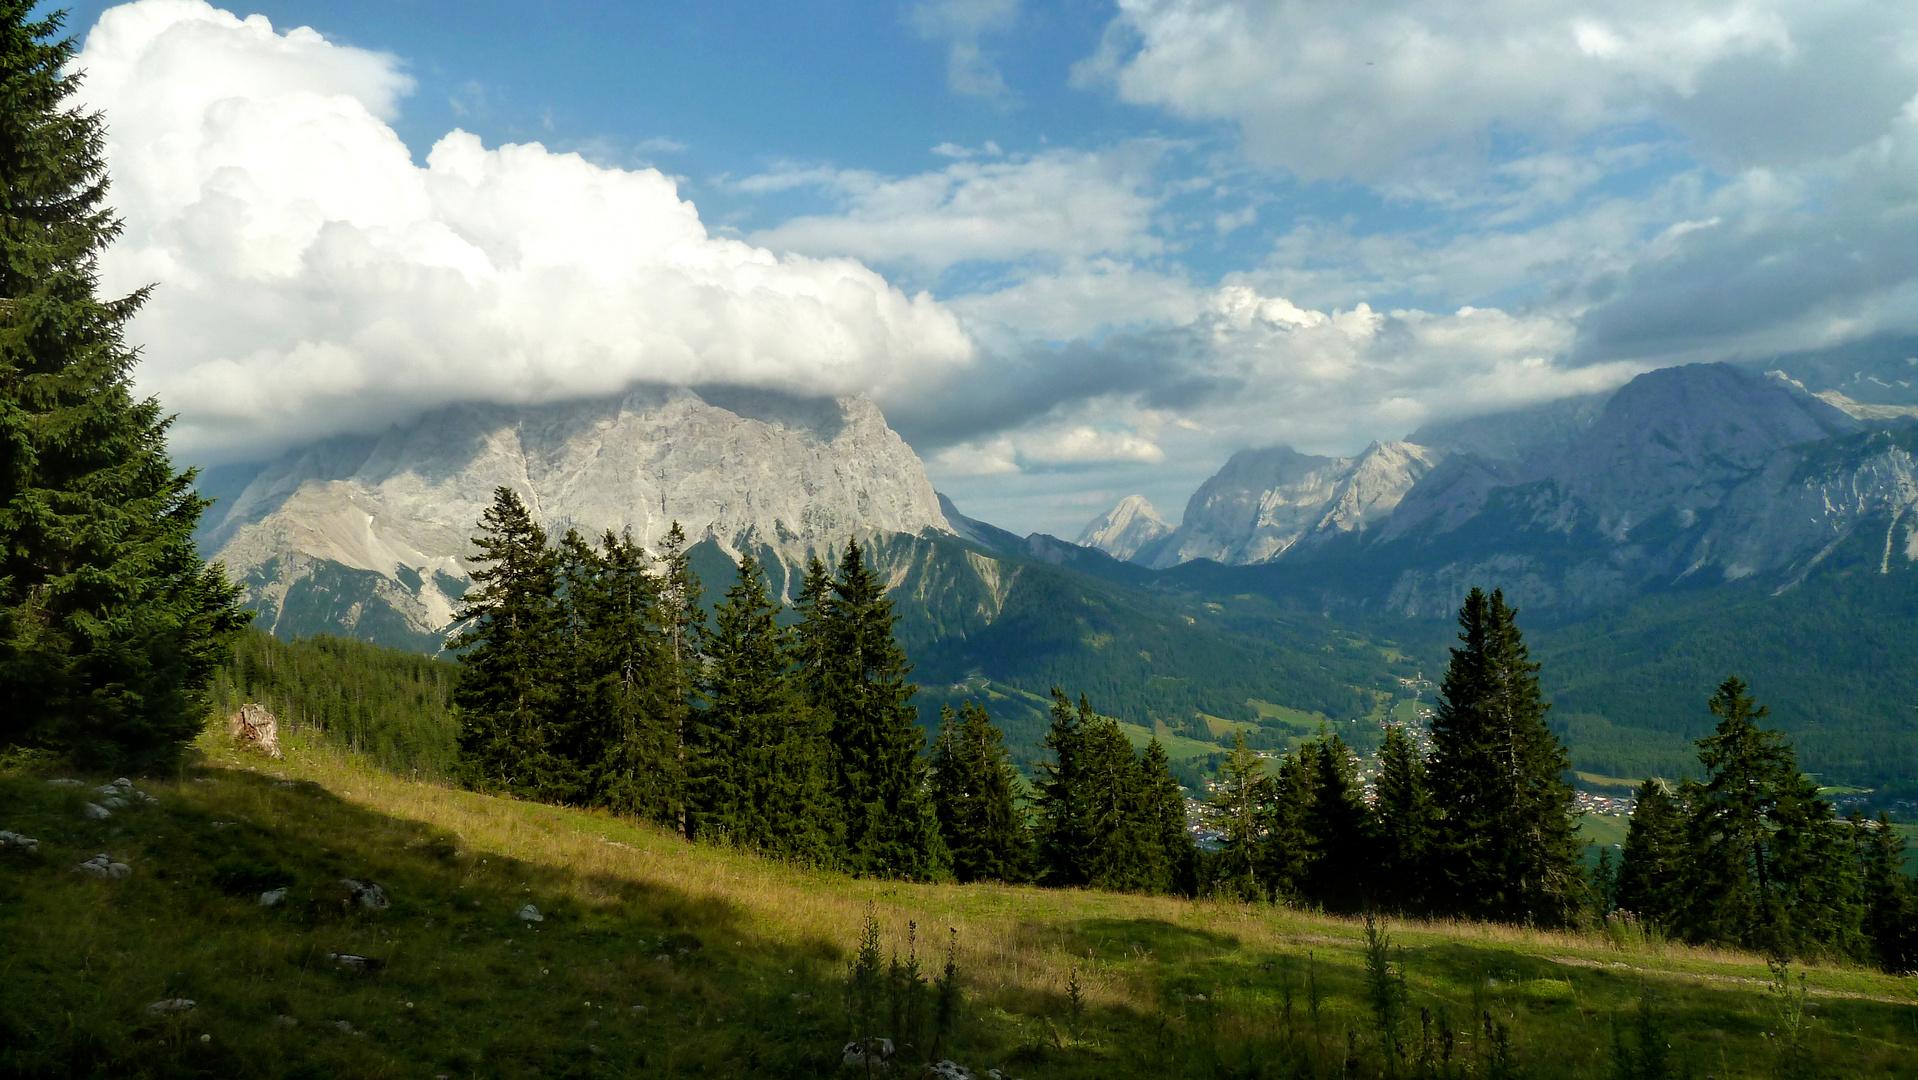 Zugspitzmassiv in Watte